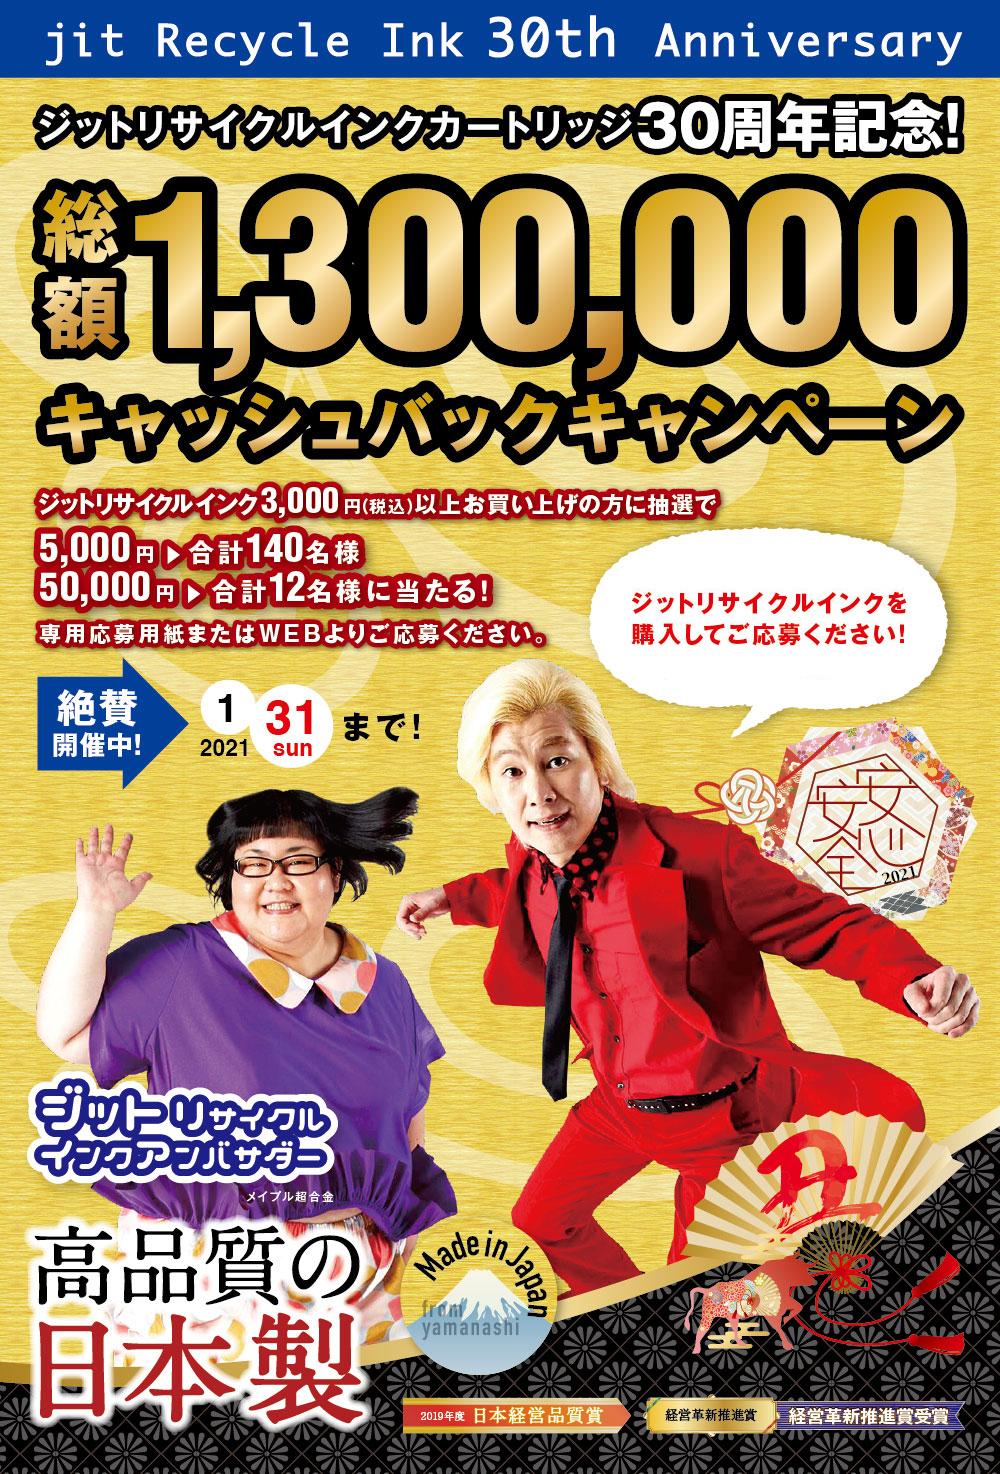 130万円キャッシュバックキャンペーン開催中